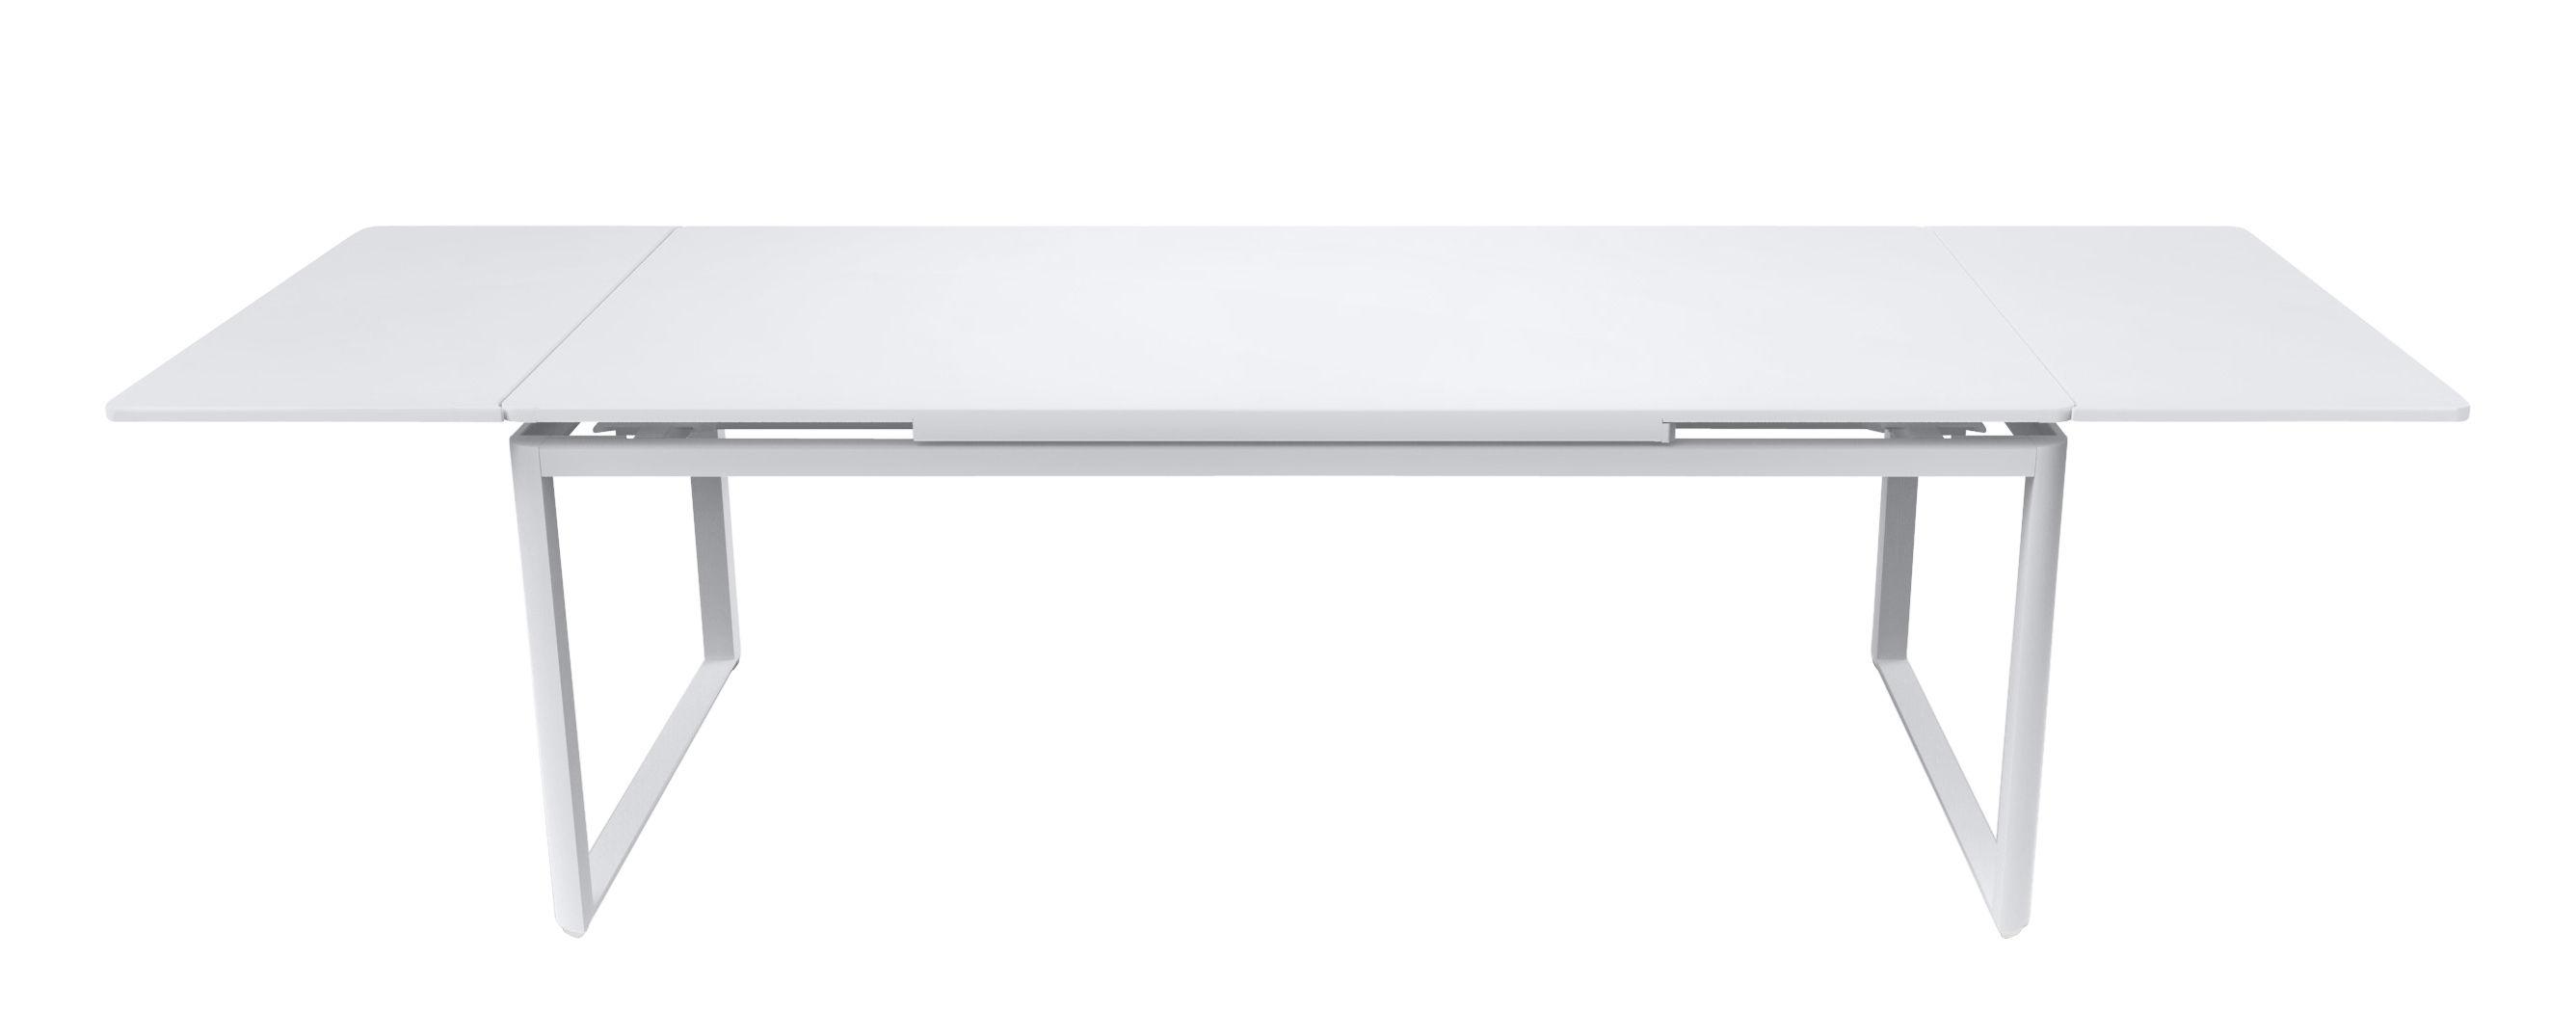 Outdoor - Tische - Biarritz Ausziehtisch ausziehbar - L 200 bis 300 cm - Fermob - Weiß - lackierter Stahl, lackiertes Aluminium